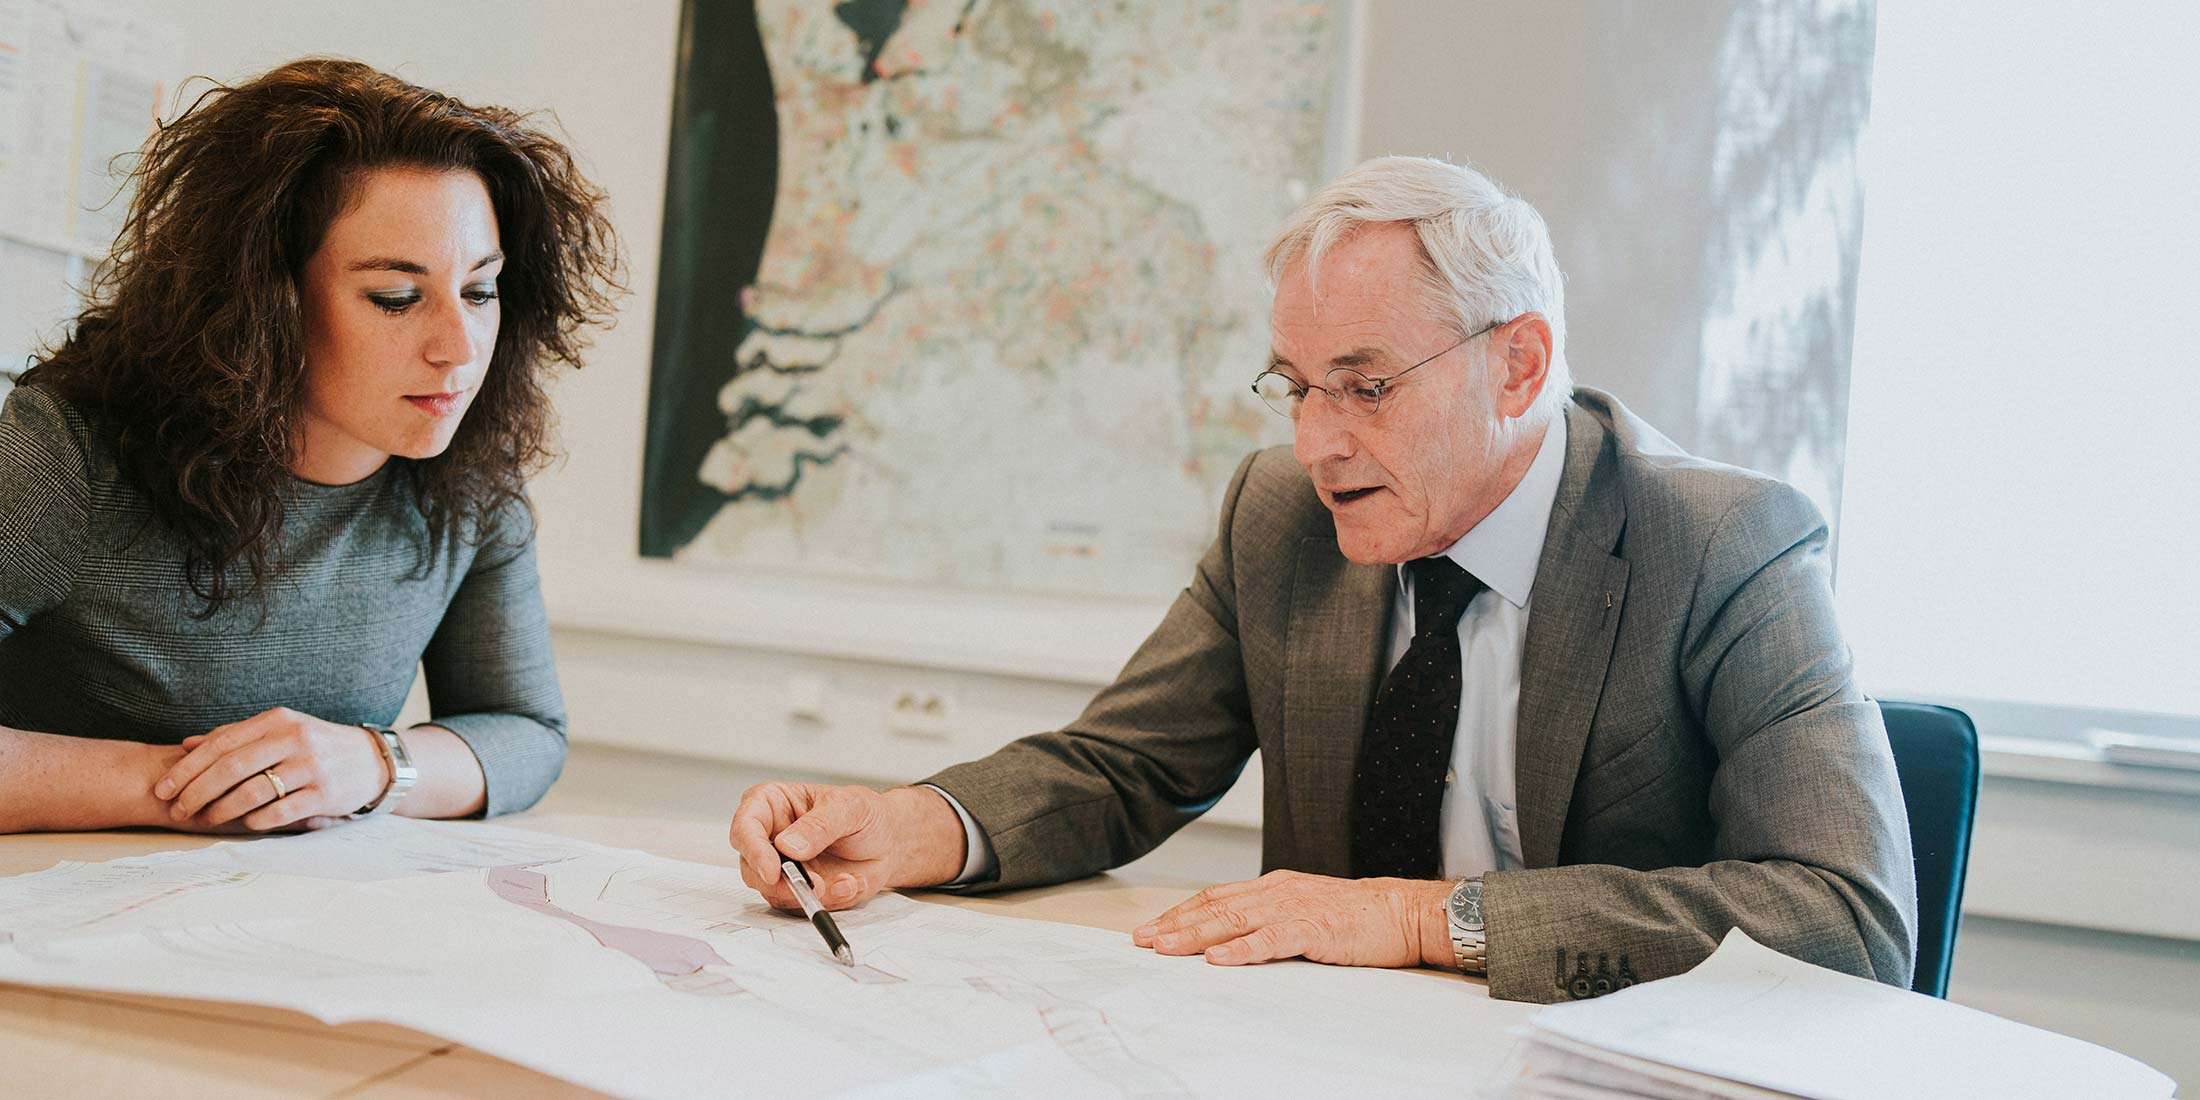 Bij projectontwikkeling komt het regelmatig voor dat niet alle grond in eigendom is van de ontwikkelaar of bouwer. De gemeente voert dan het grondbeleid geeft vorm aan gebiedsontwikkeling.